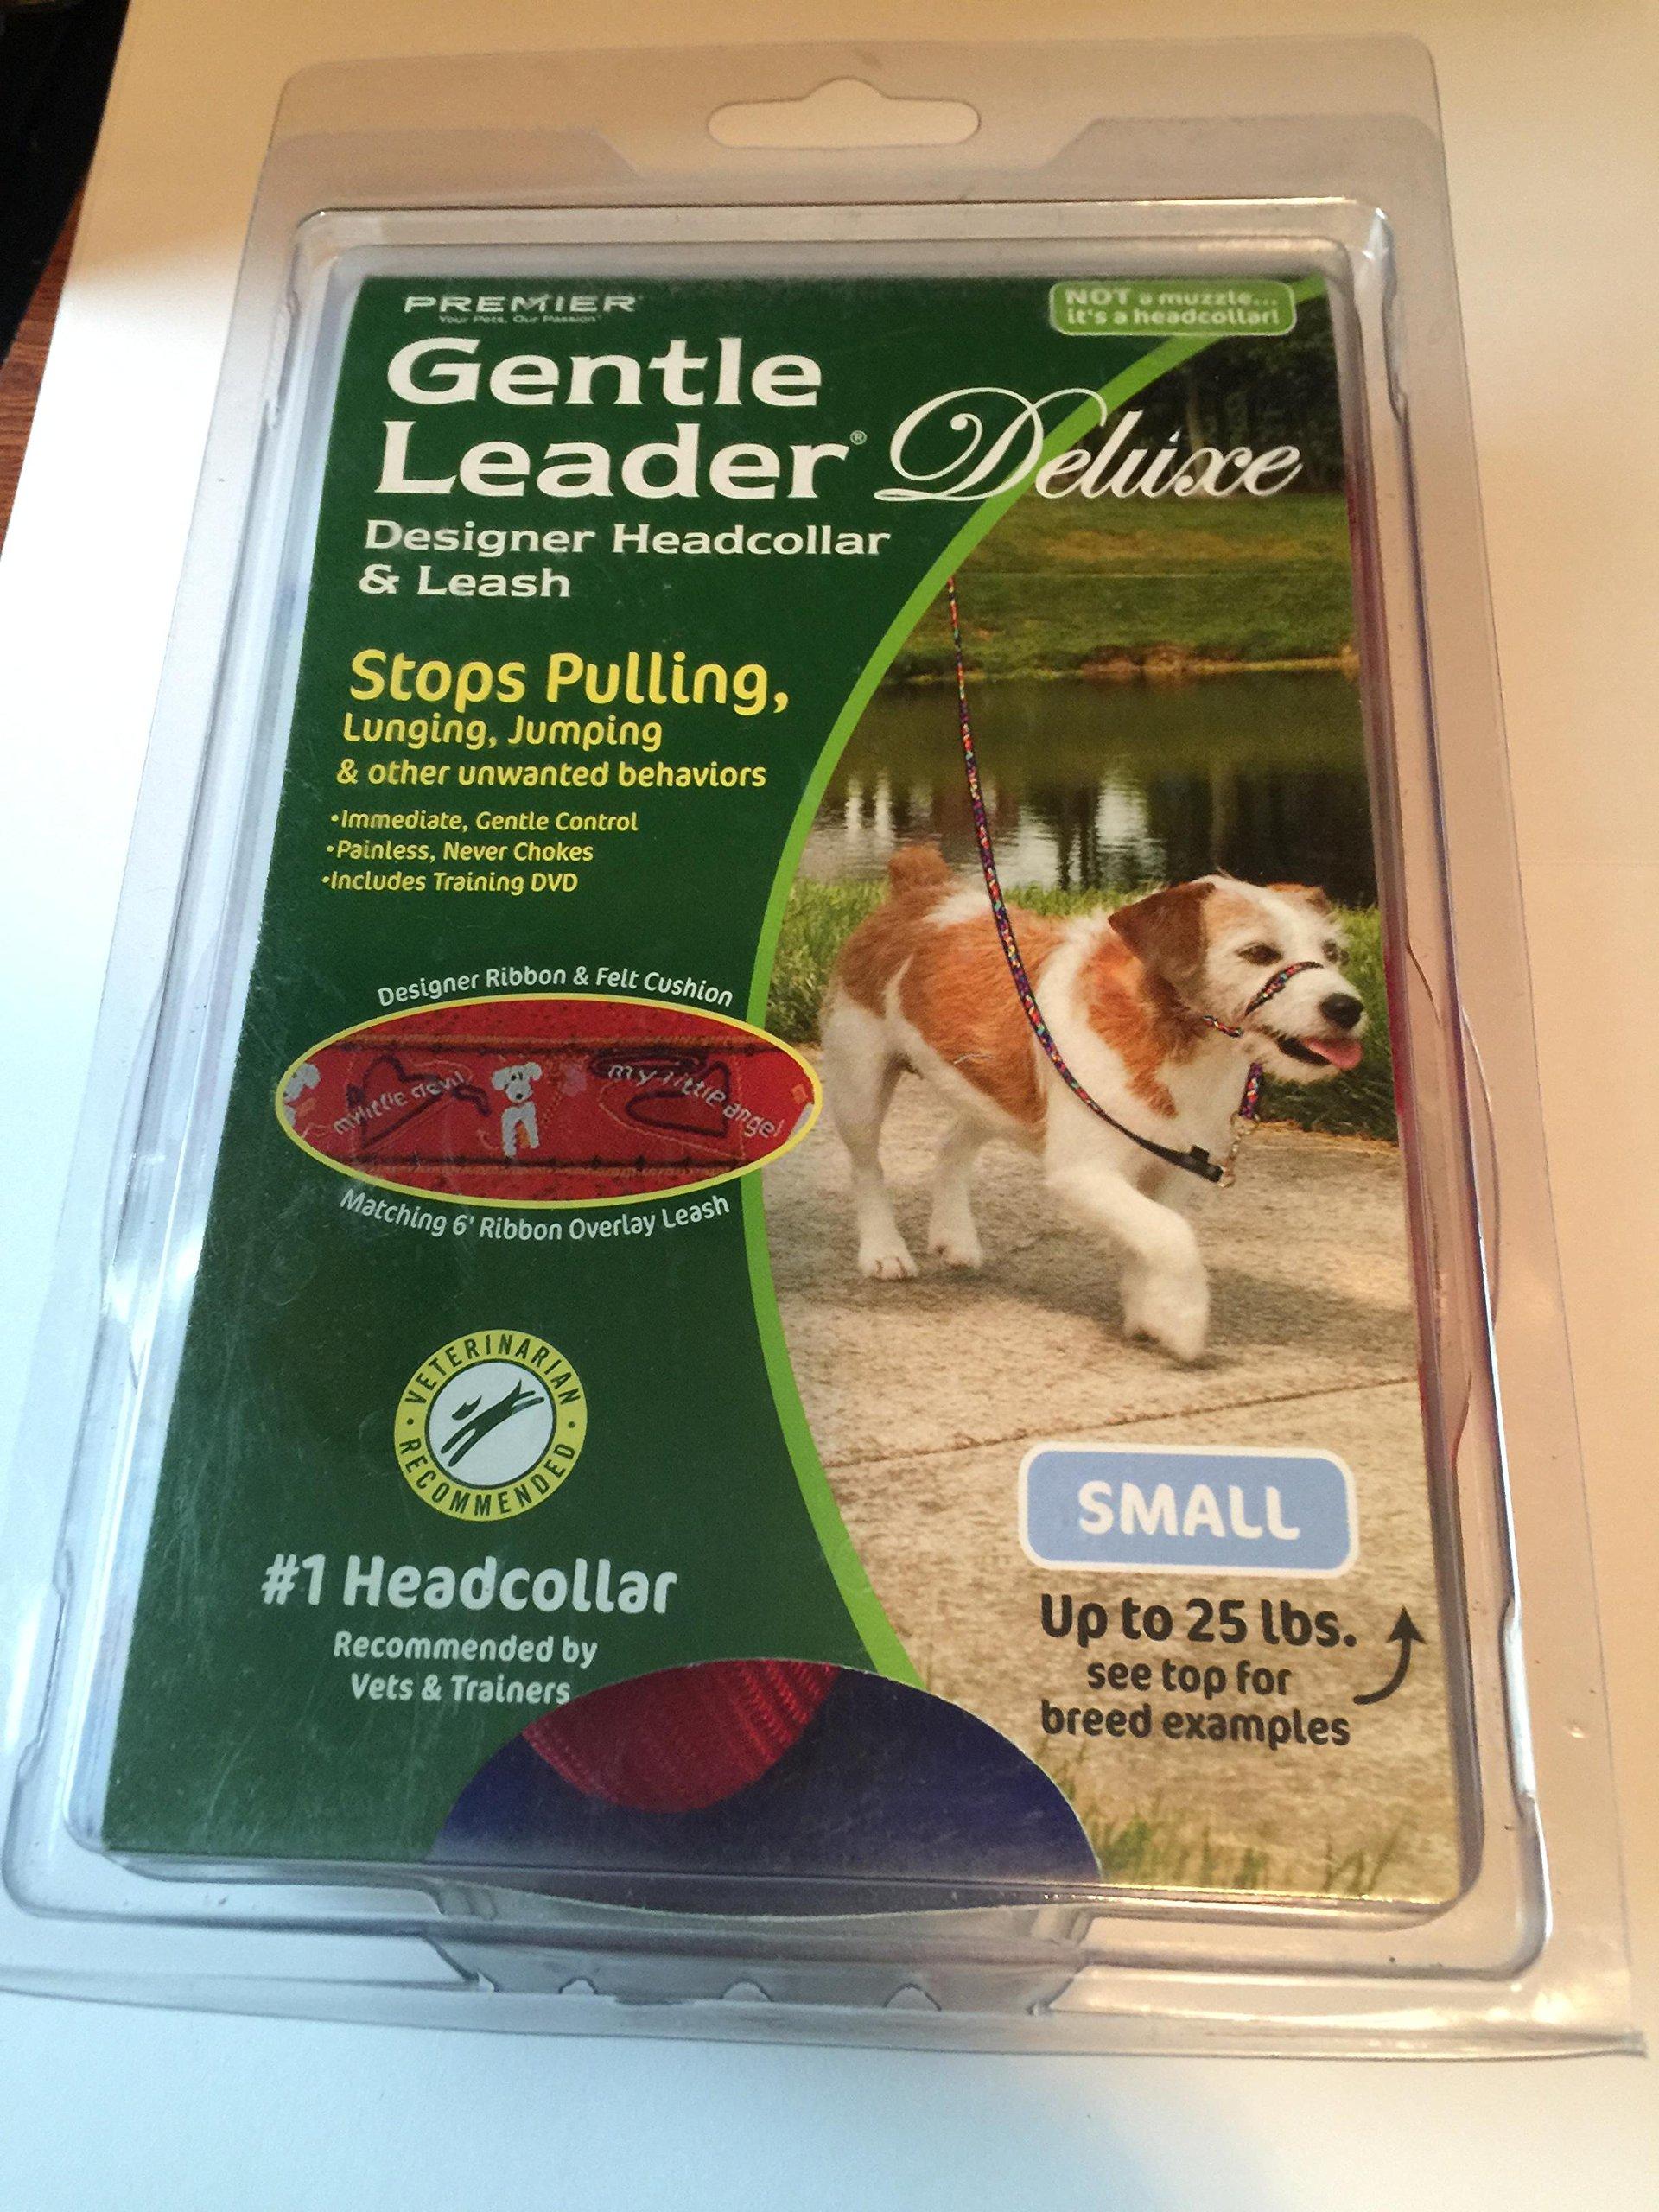 PetSafe Gentle Leader Deluxe Headcollar, Small, My Little Angel by PetSafe